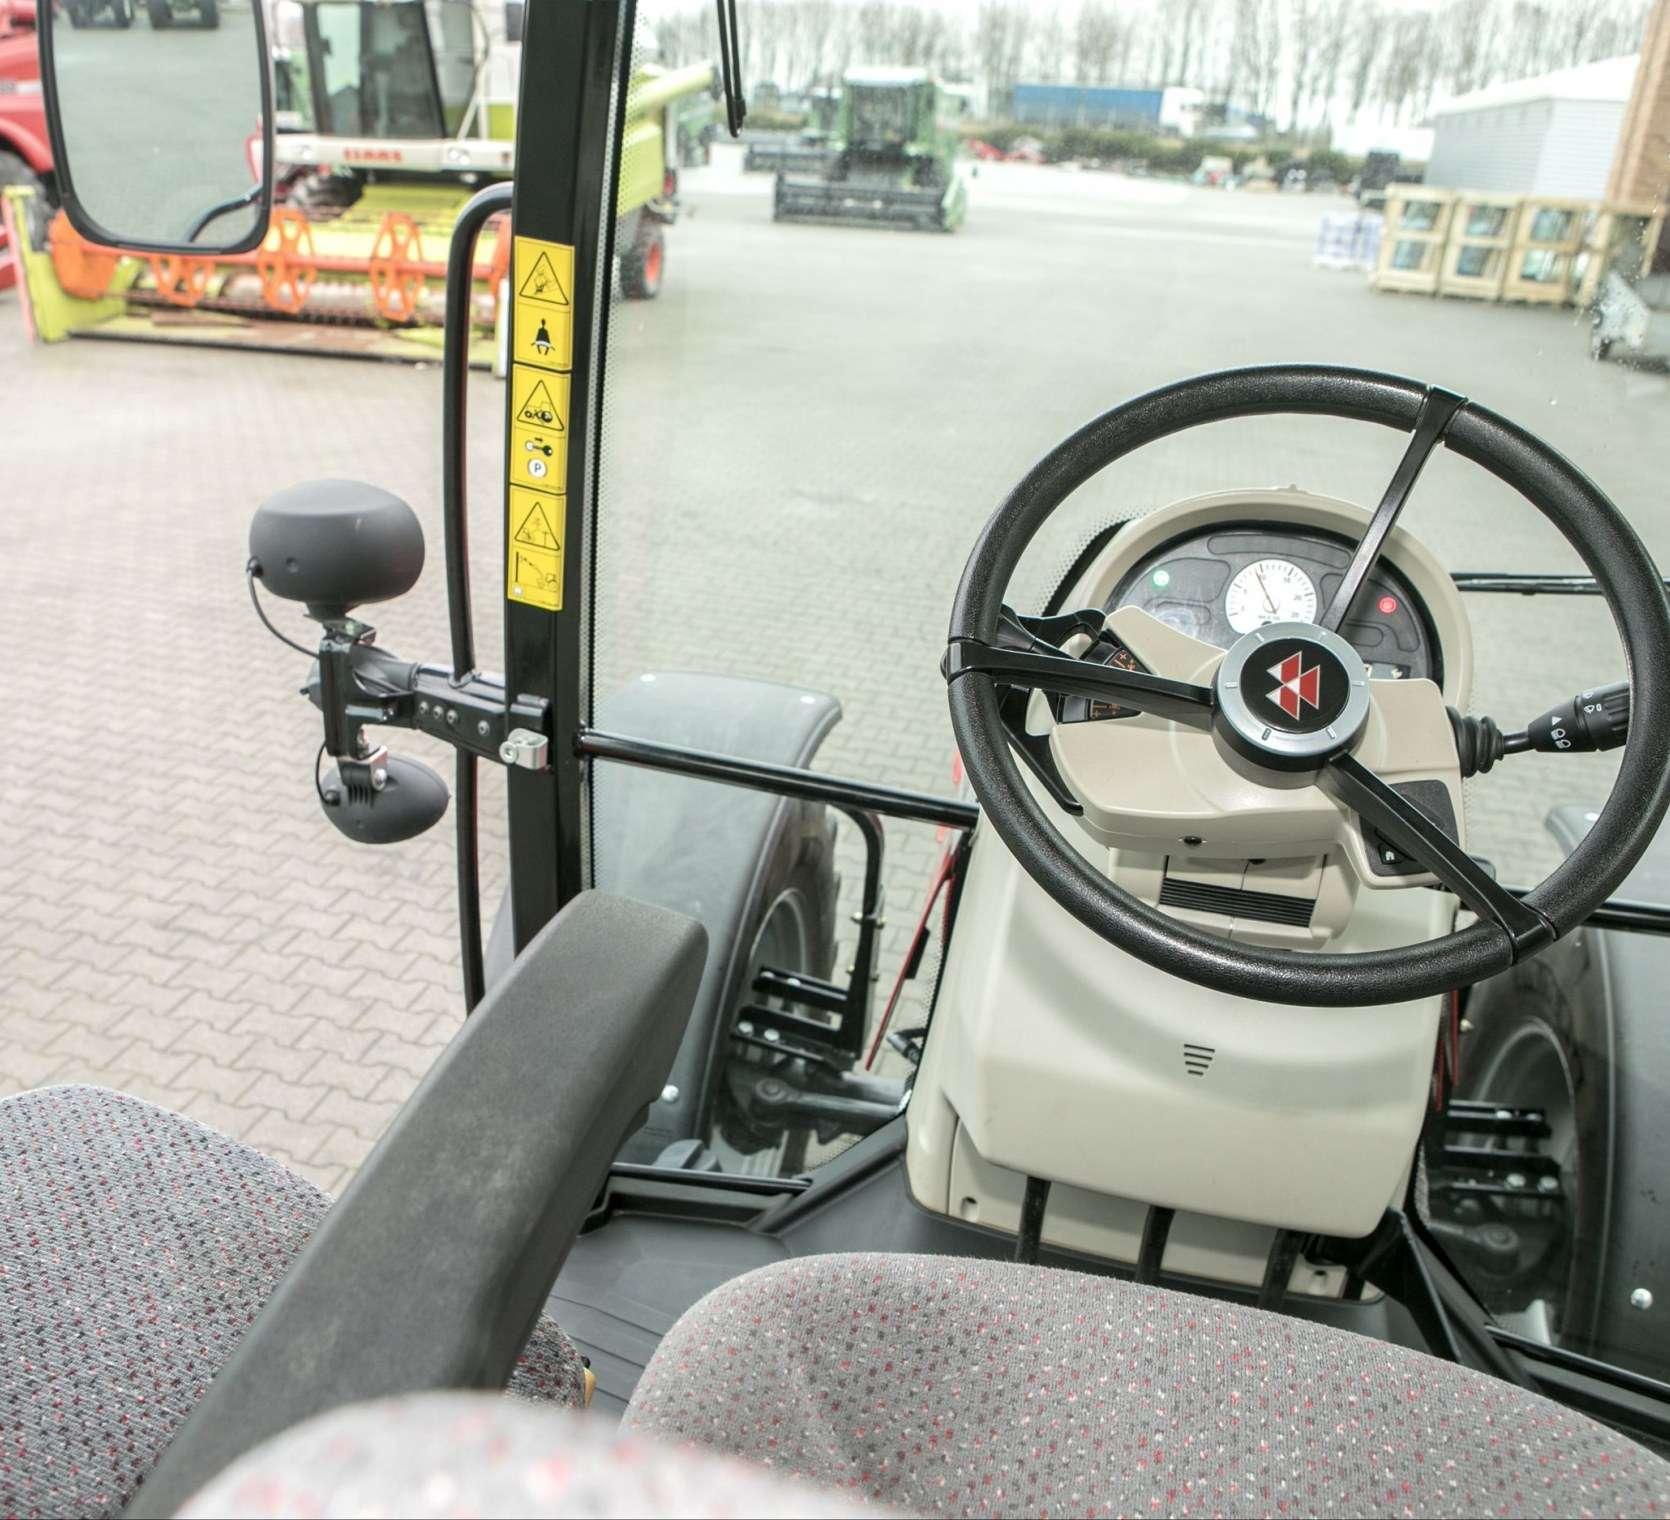 Kolumna kierownicza oraz widok patrząc w bok z kabiny MF 5611 z oferty korbanek.pl